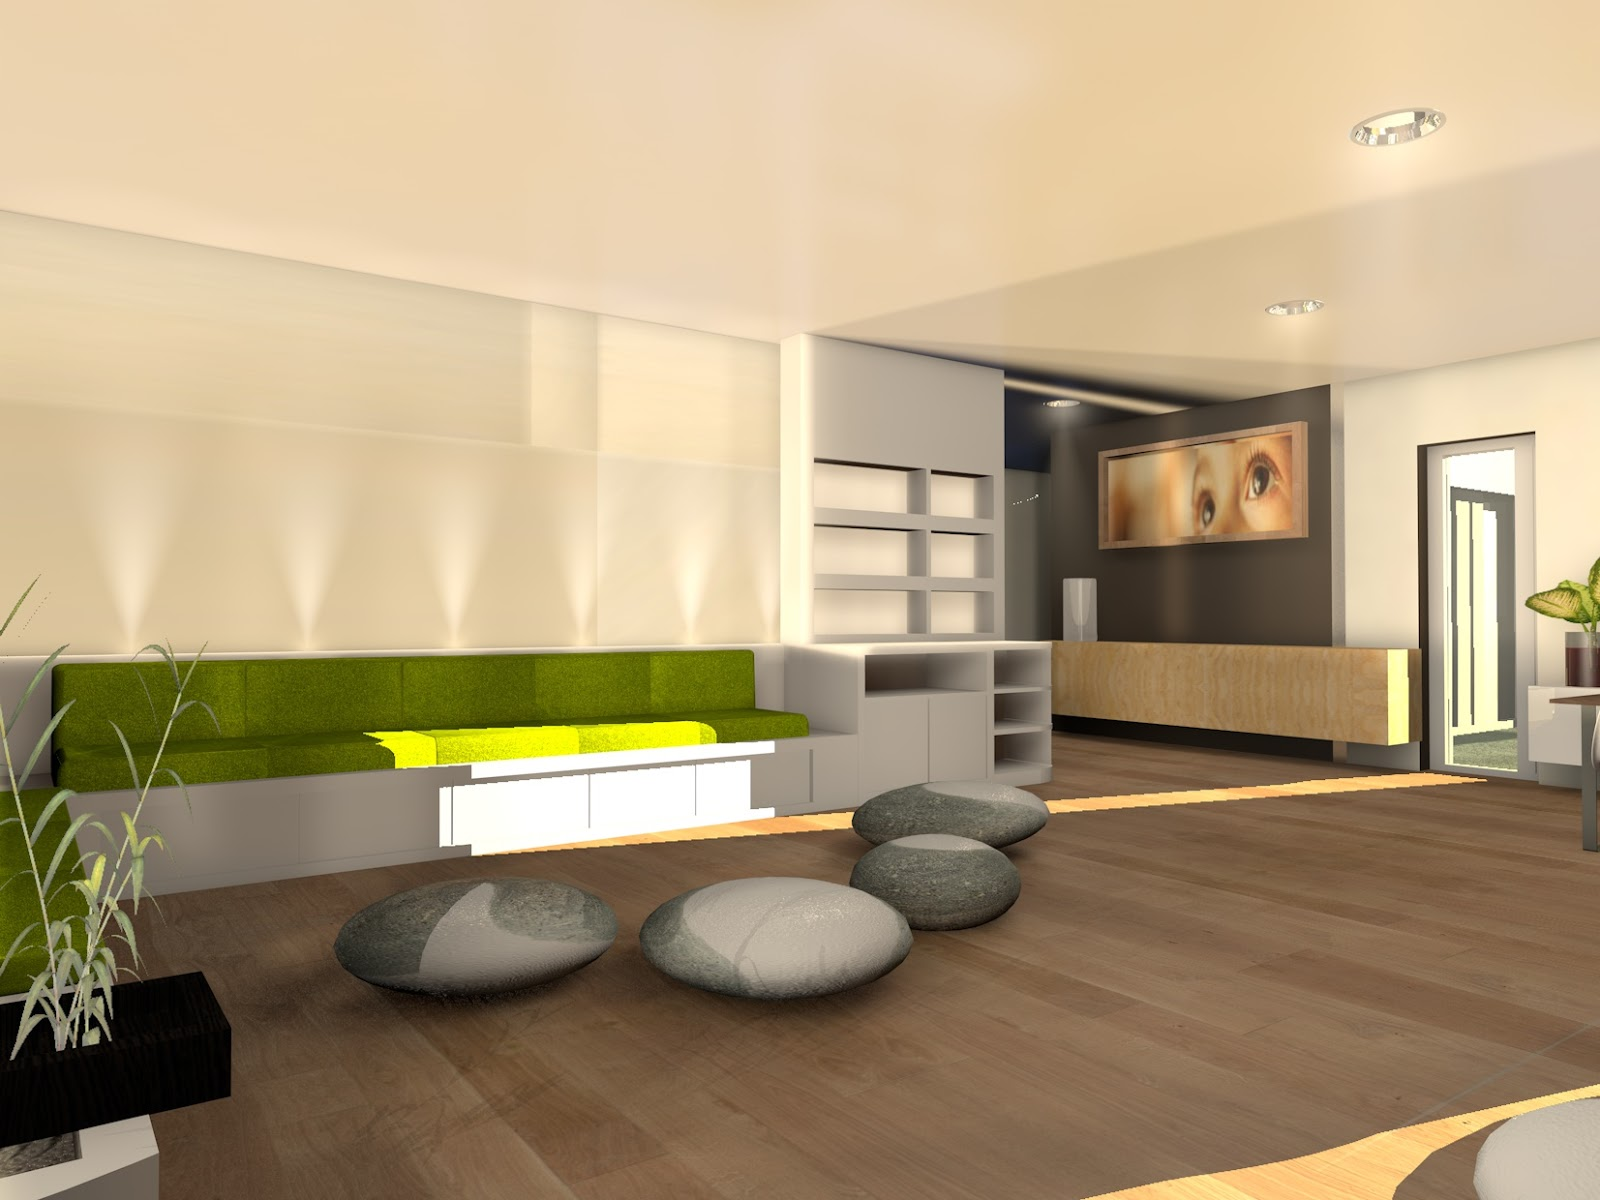 Blog archi d co design maison zen pr s de ch teauroux for Deco maison design